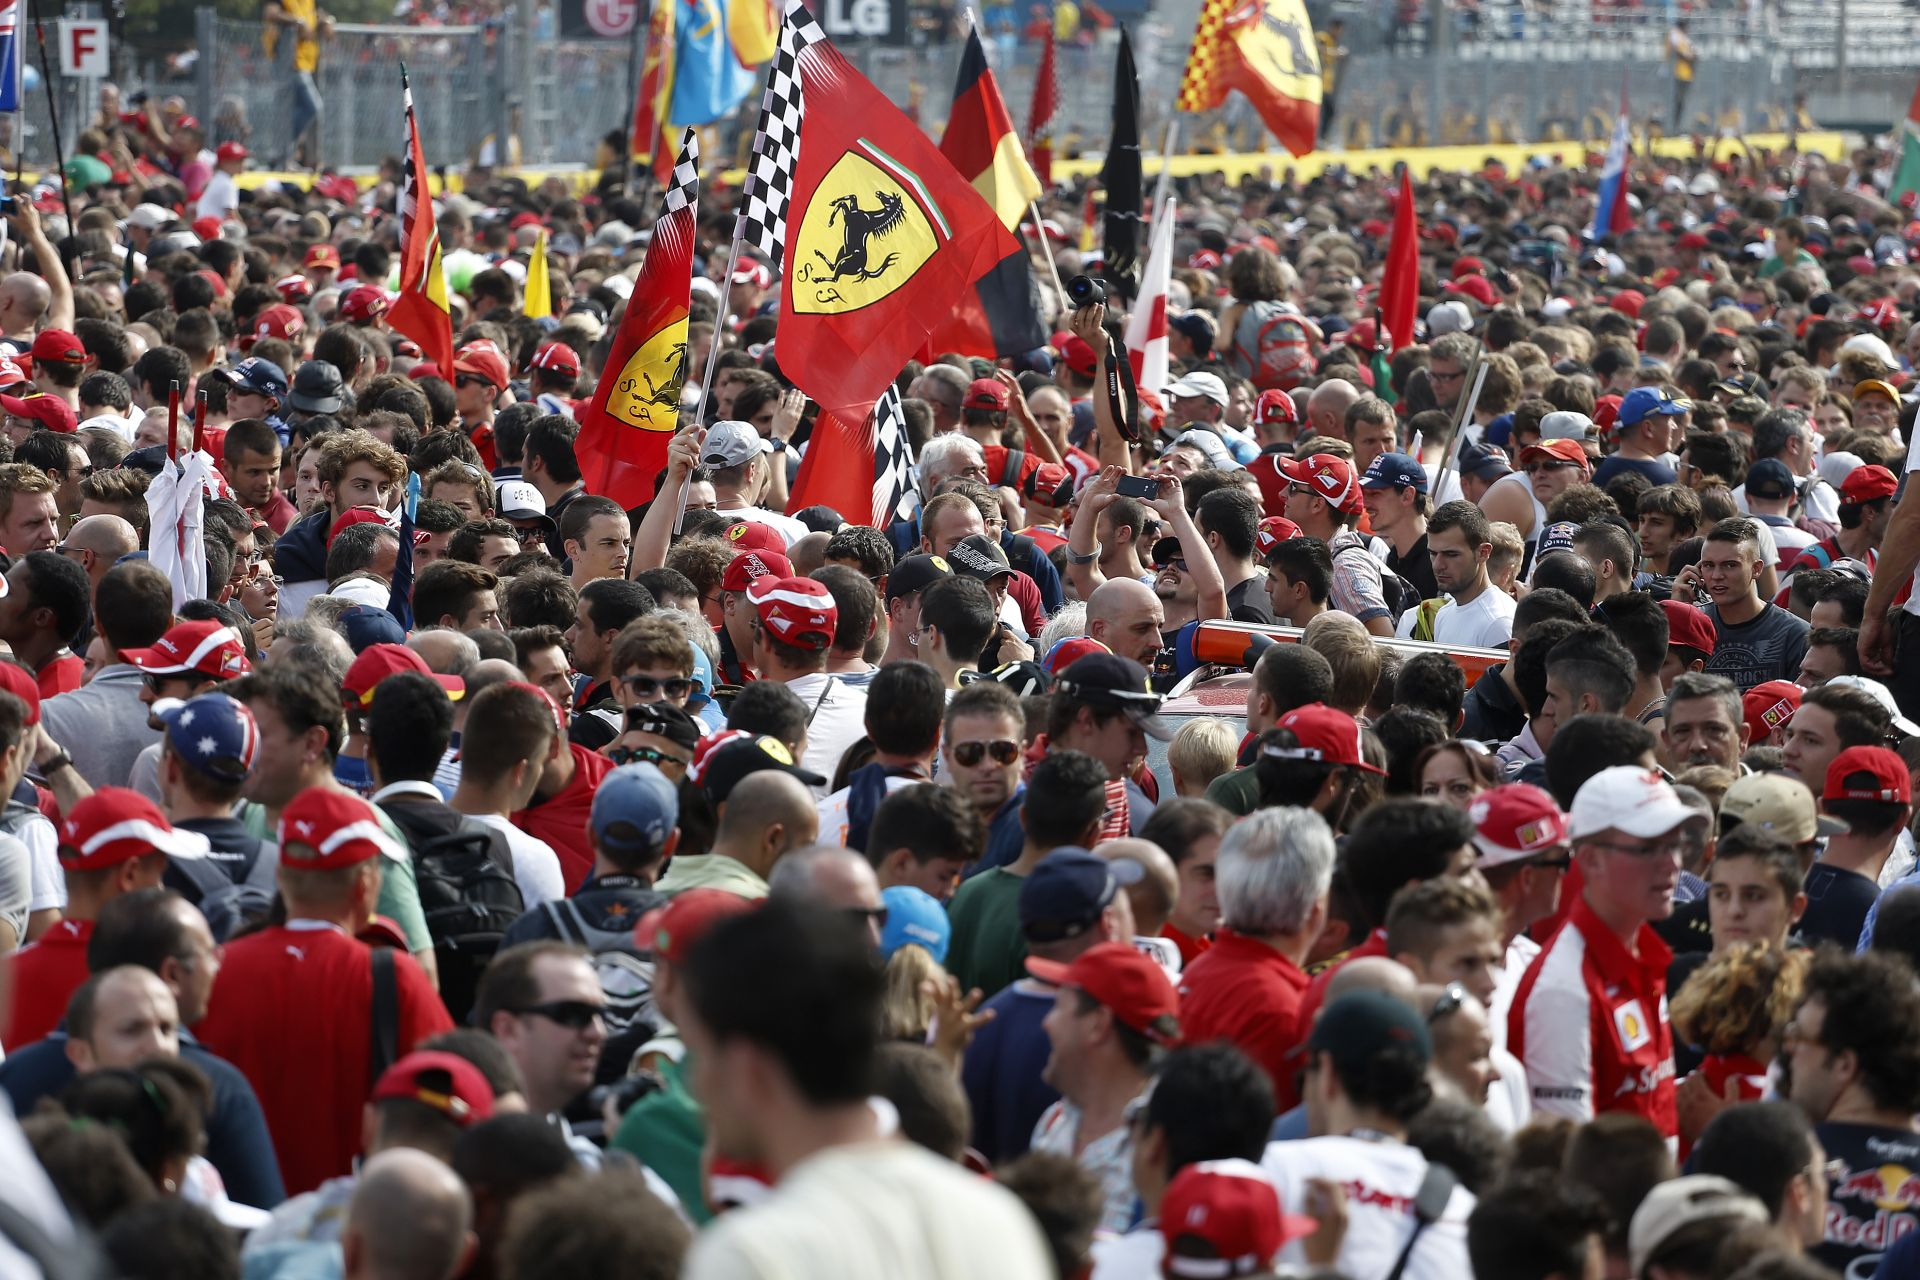 Monza nem adja fel, és nem akar kikerülni a Forma-1 naptárjából